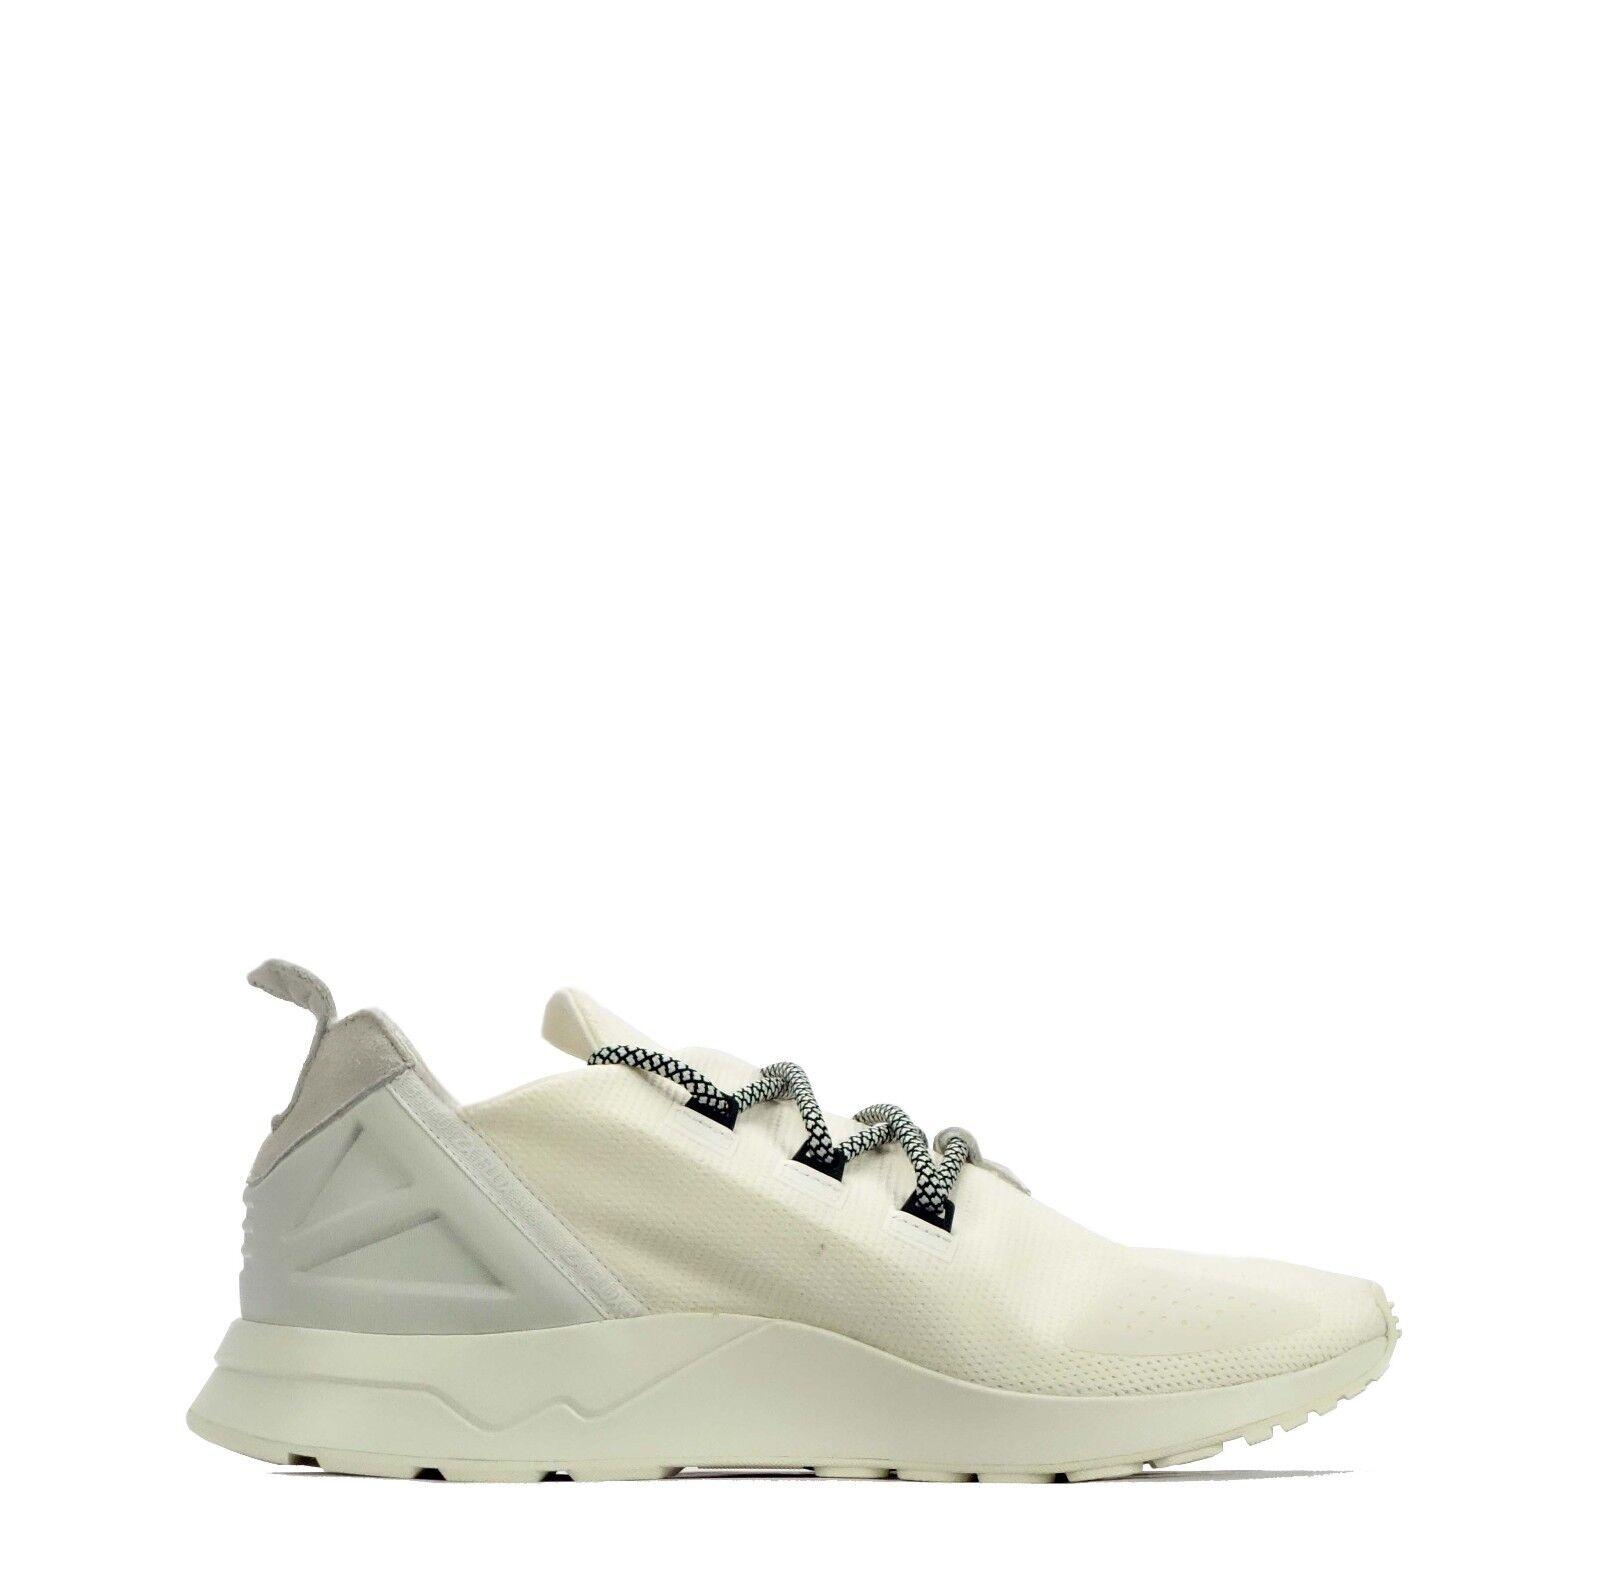 ADIDAS Originals Originals Originals Zx Flux BASIC PRISMA Uomo Casual scarpe Trainer Scarpe Da Ginnastica | I più venduti in tutto il mondo  | Gentiluomo/Signora Scarpa  94fb1c